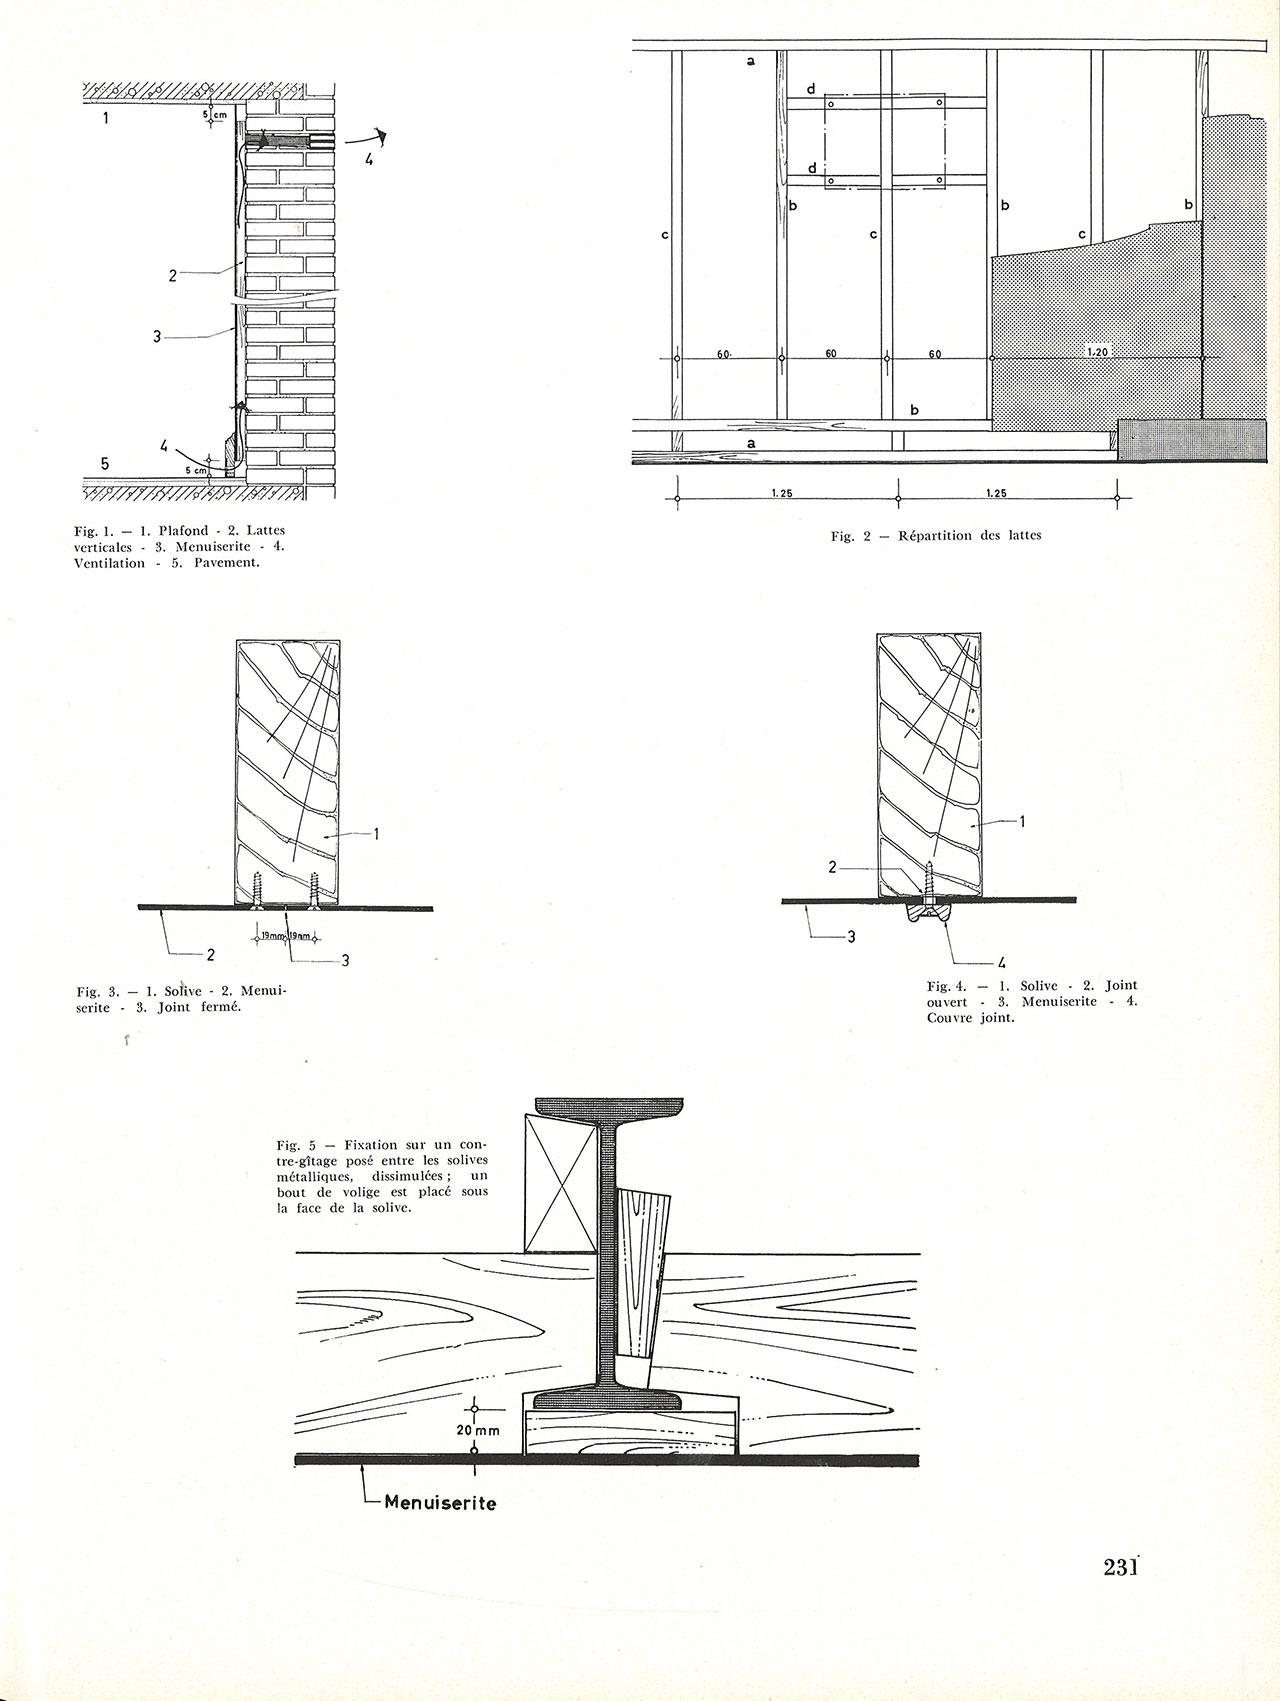 Les plaques menuiserite dans la construction